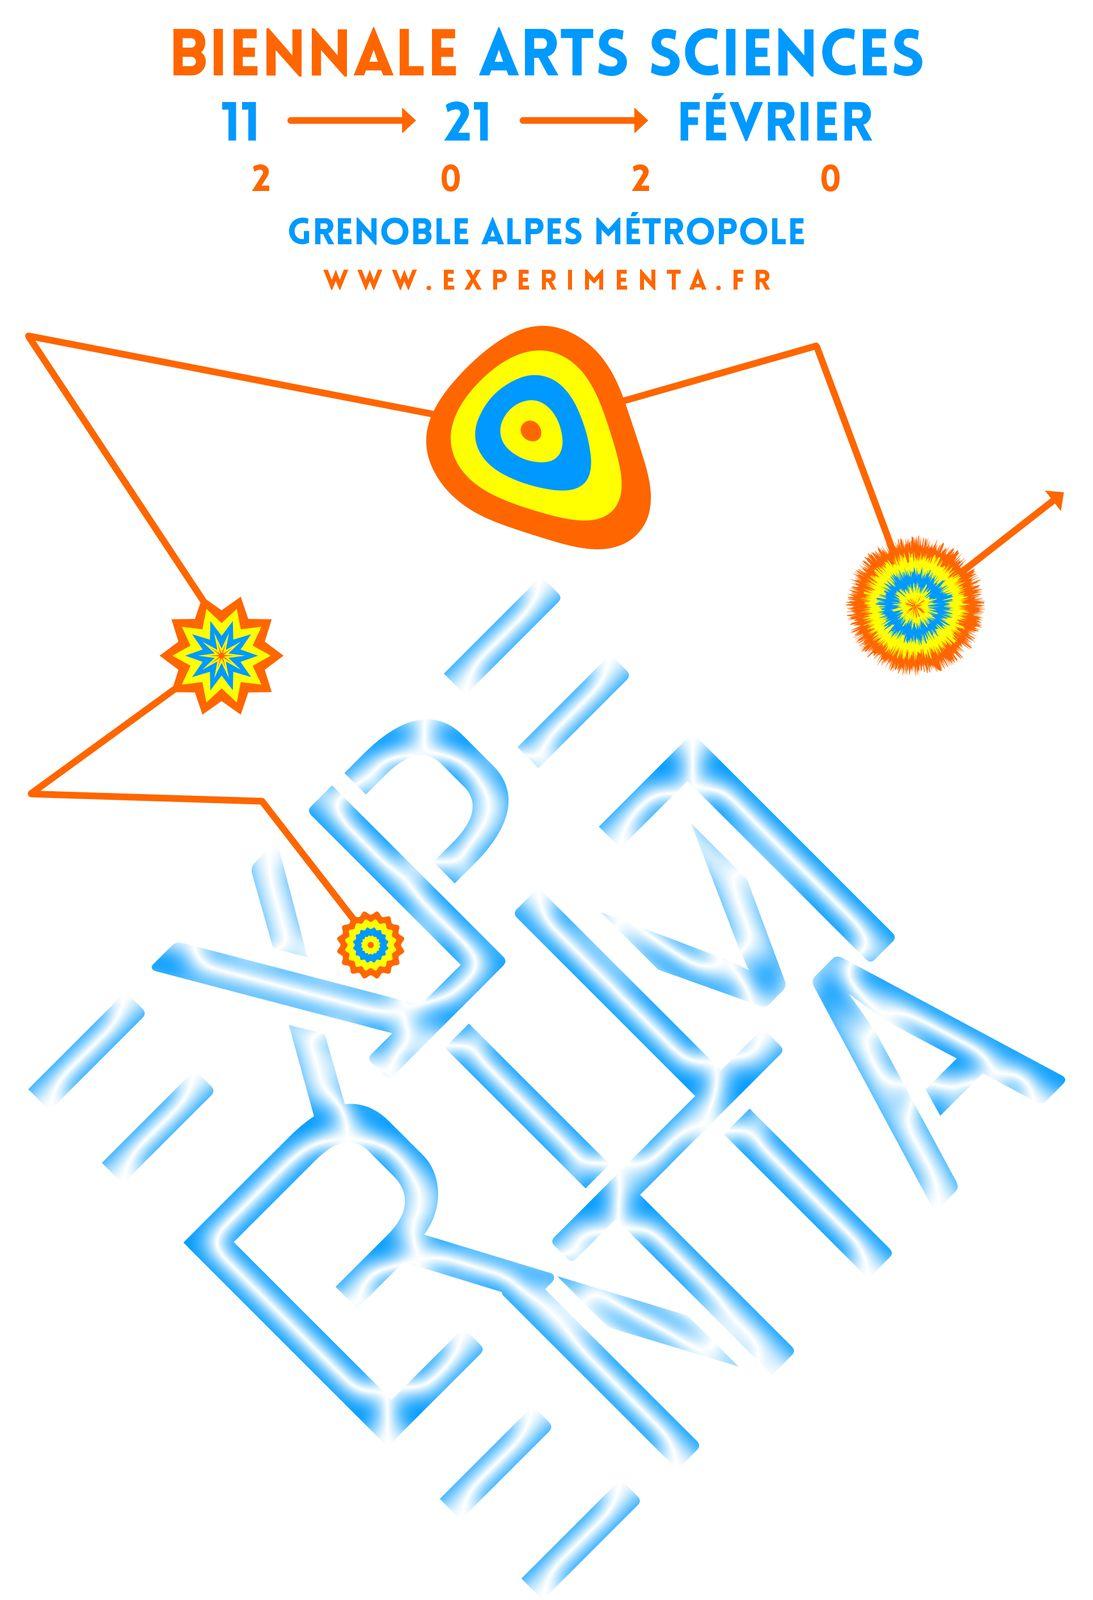 Experimenta, La Biennale Arts Sciences 2020